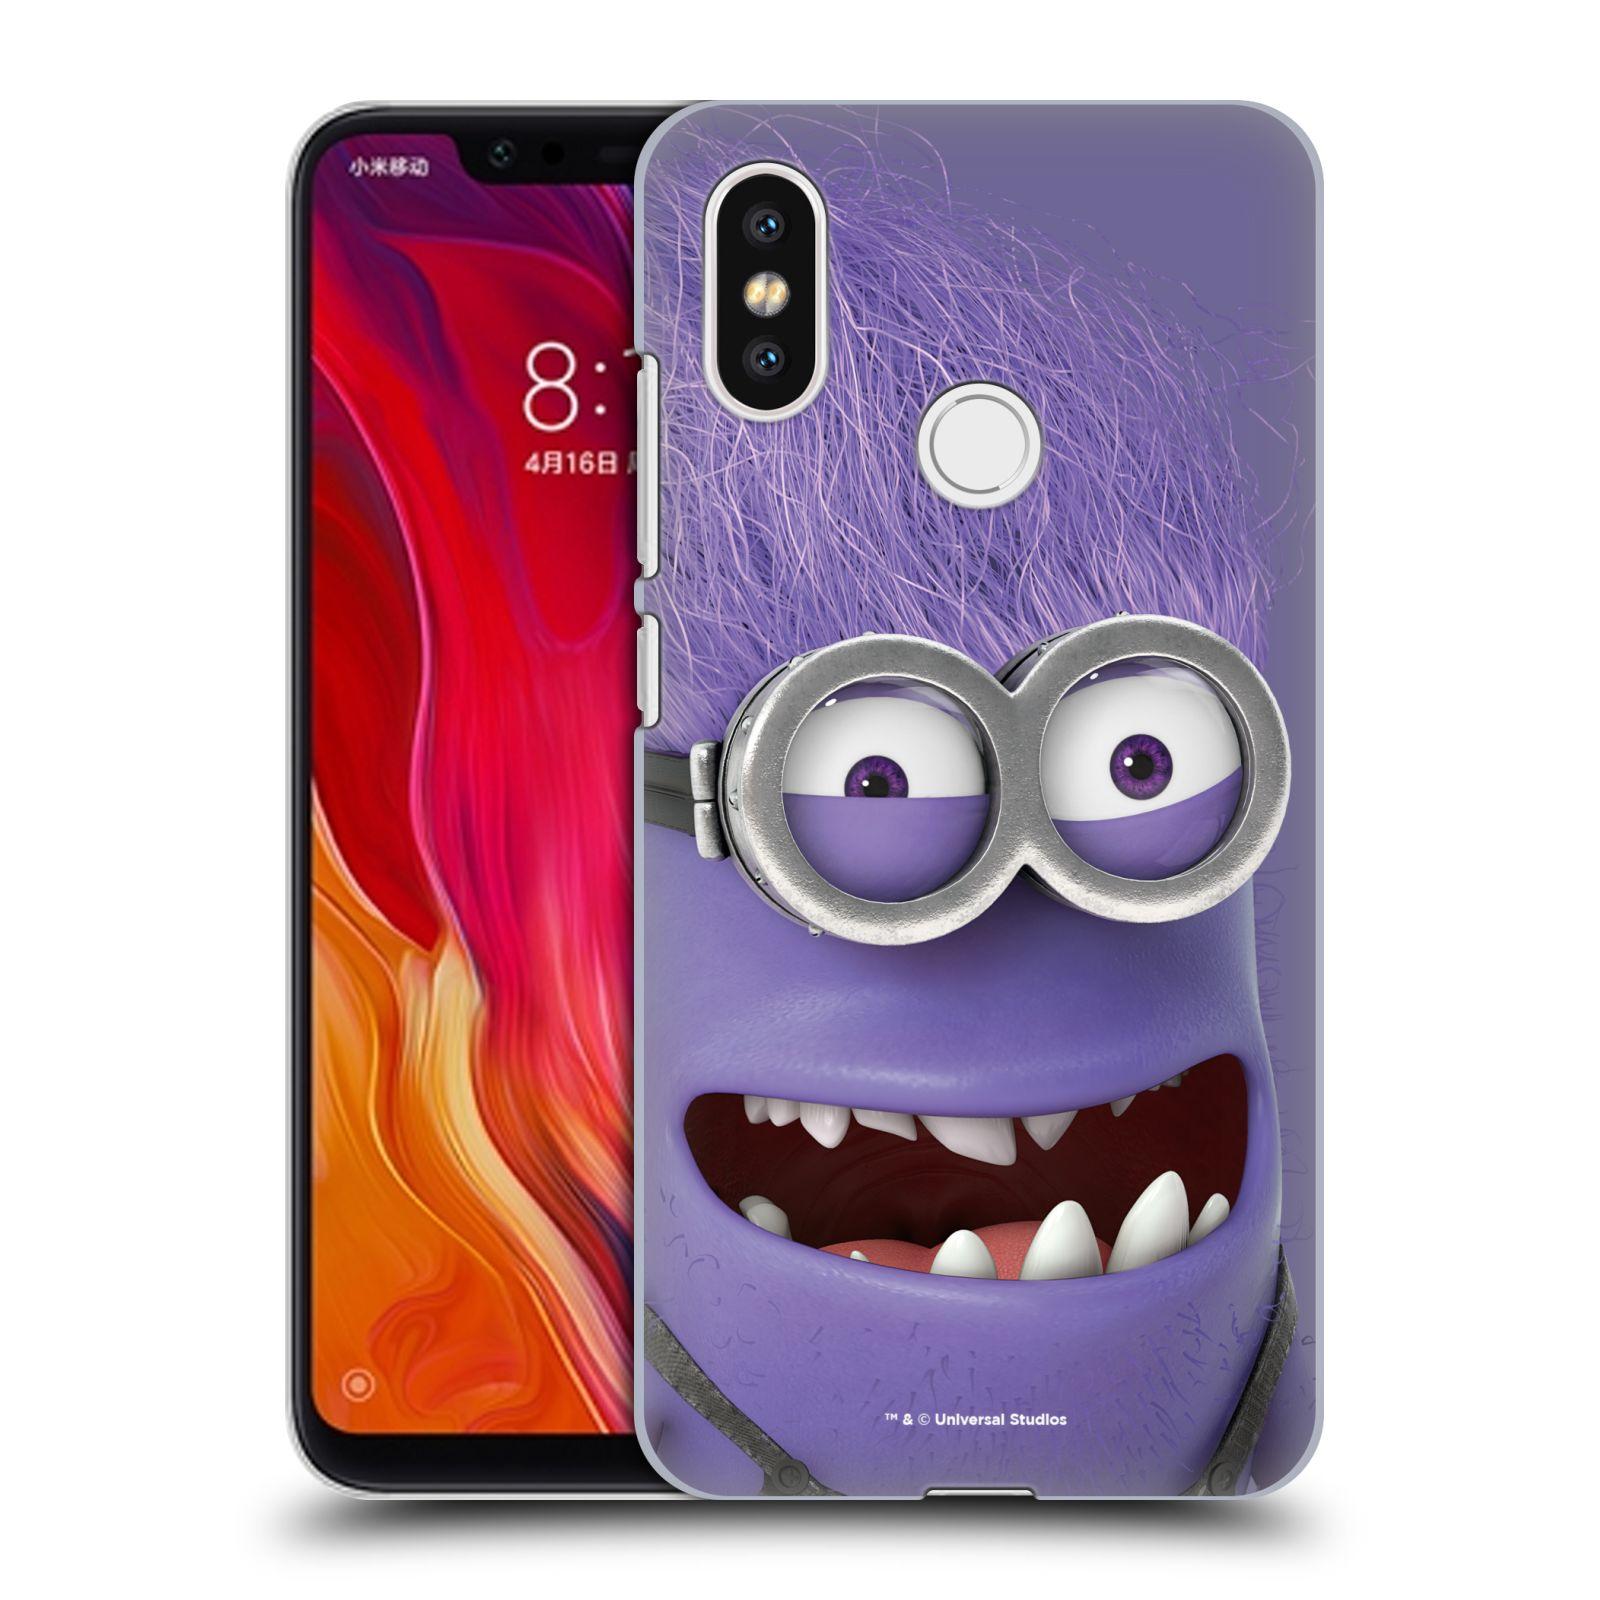 Plastové pouzdro na mobil Xiaomi Mi8 - Head Case - Zlý Mimoň z filmu Já, padouch - Despicable Me